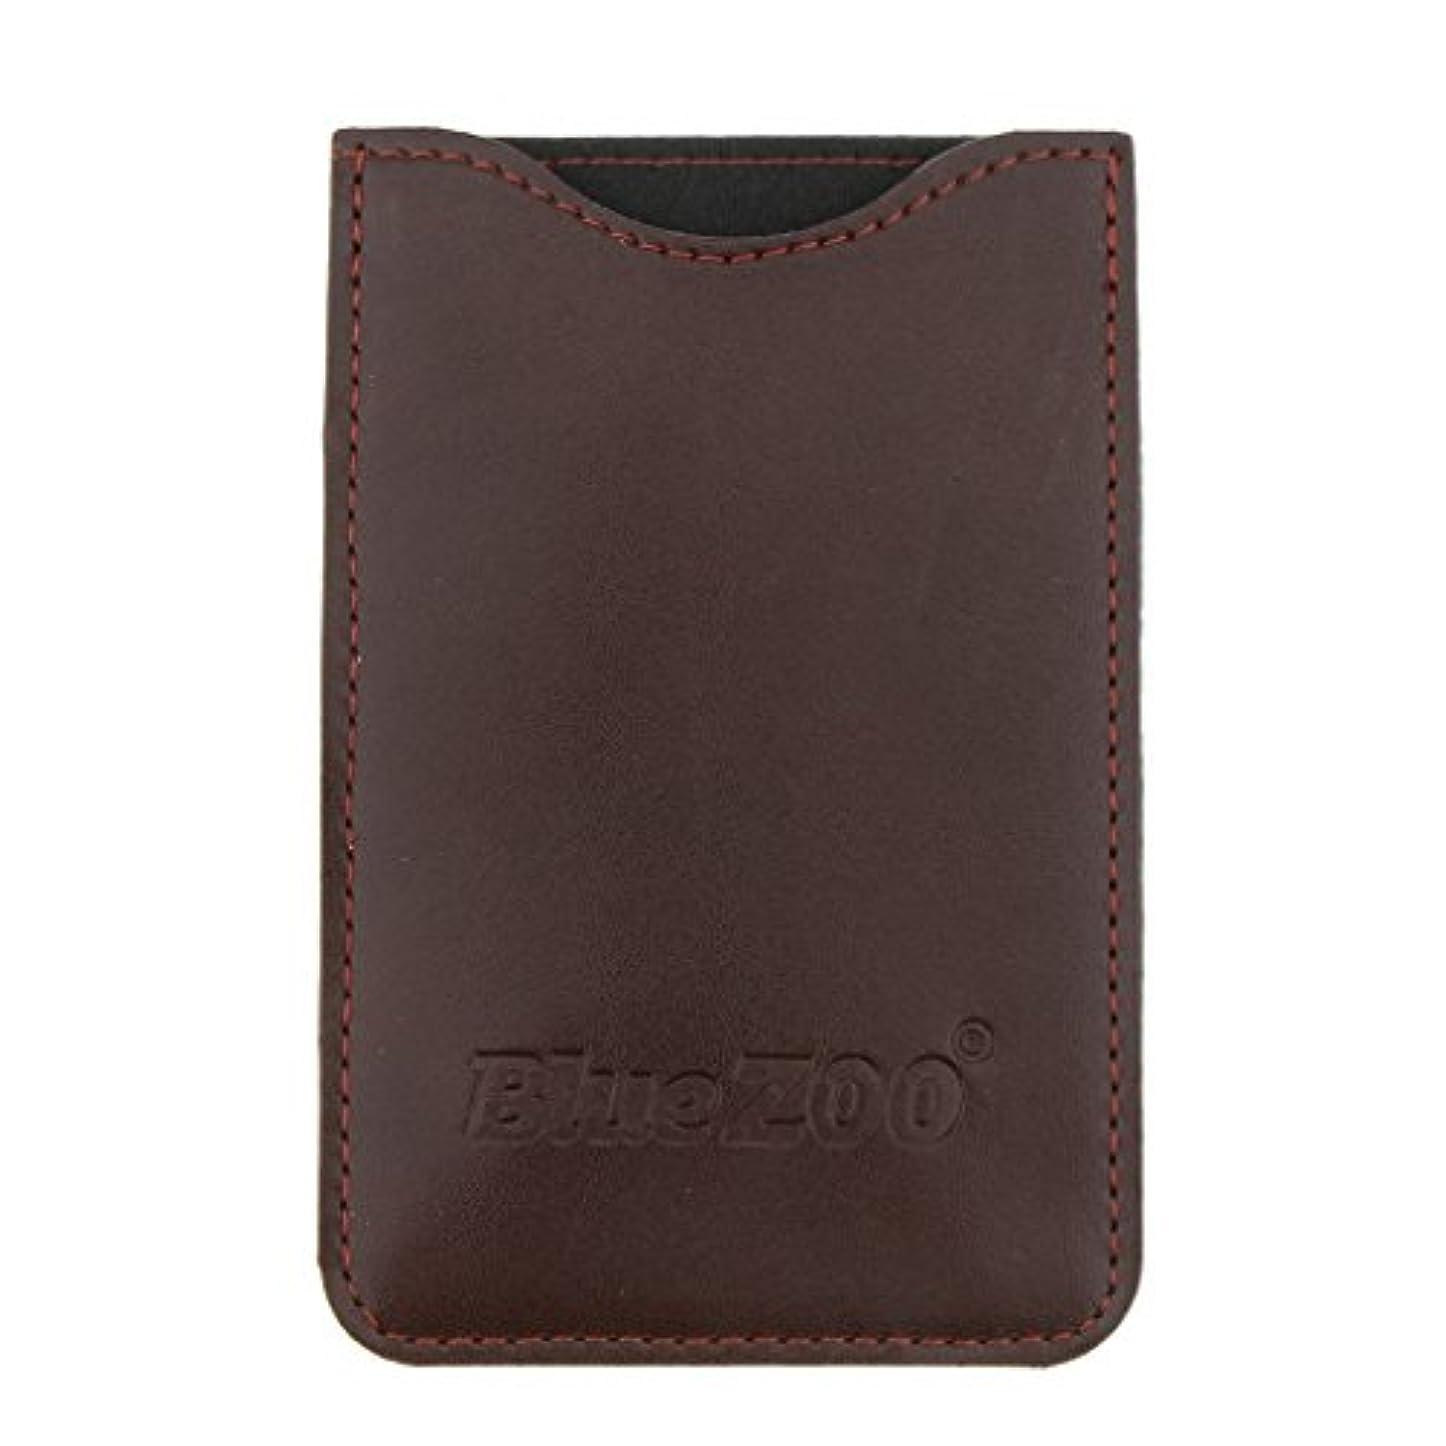 アレルギー担保断線Kesoto コームバッグ 収納ケース 収納パック 保護カバー PUレザー 櫛/ヘアブラシ/名刺/IDカード/銀行カード バッグ オーガナイザー 全2色  - 褐色